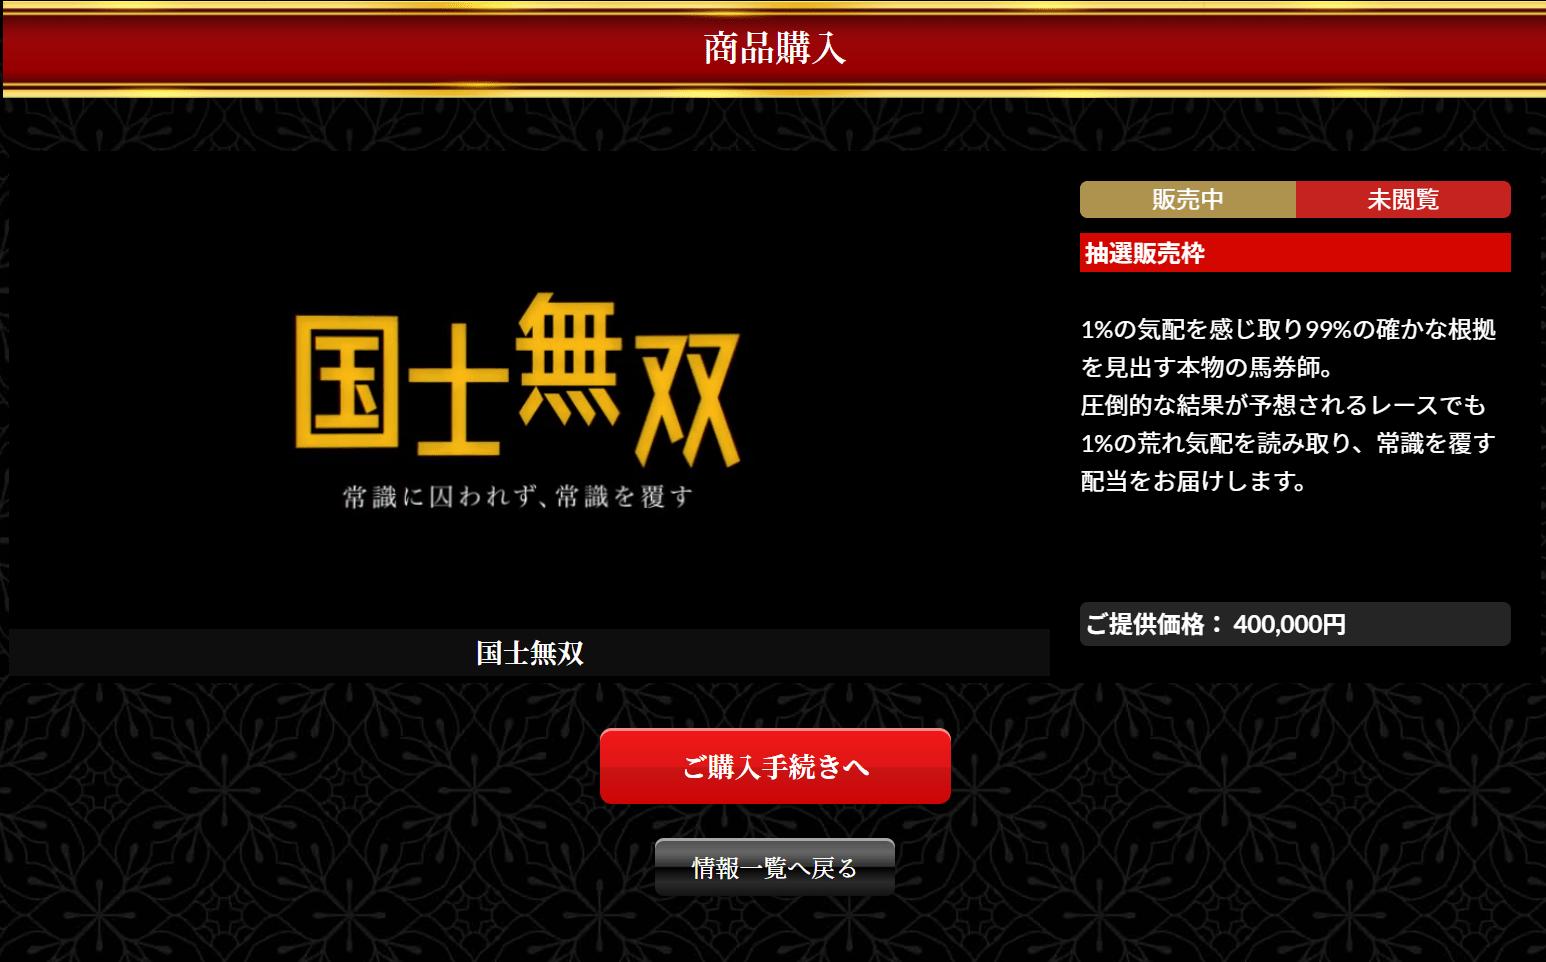 エキストラ_有料情報_国士無双